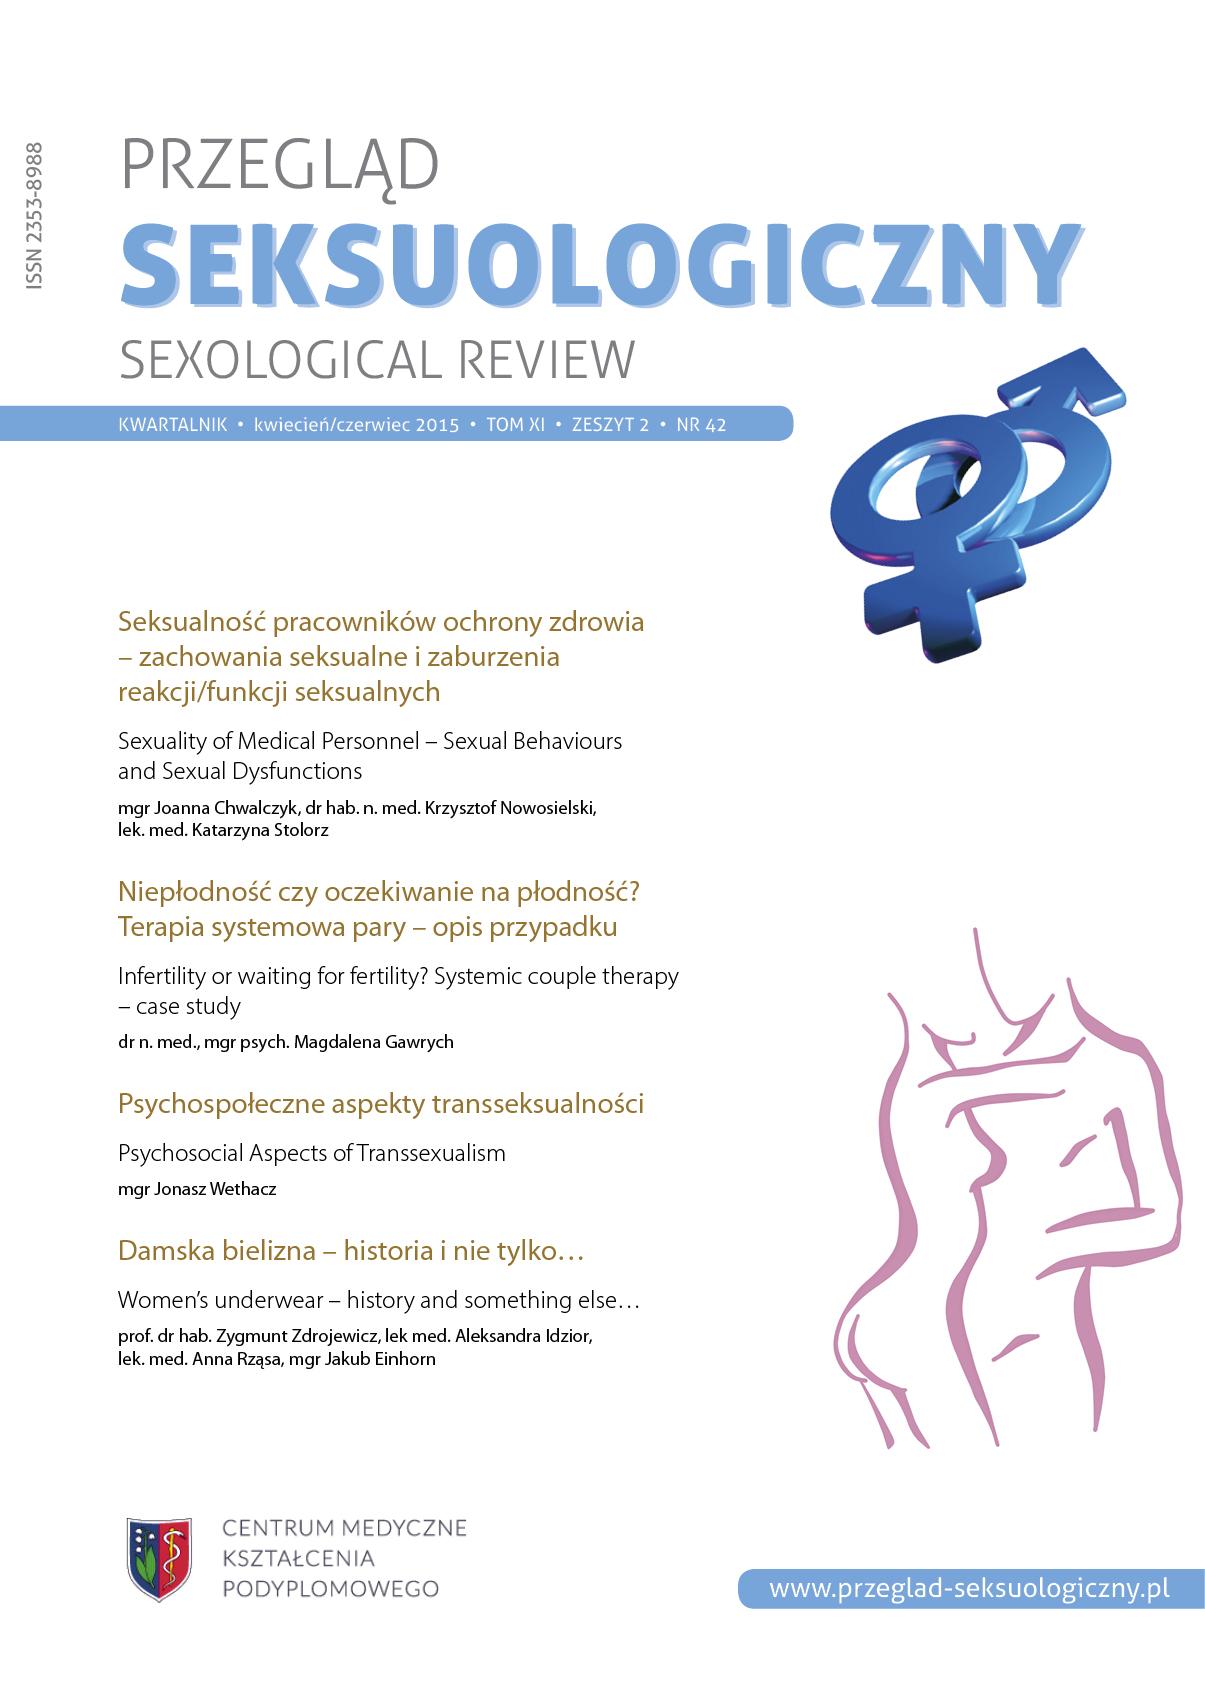 a genitális szemölcsök megismétlődésének valószínűsége)